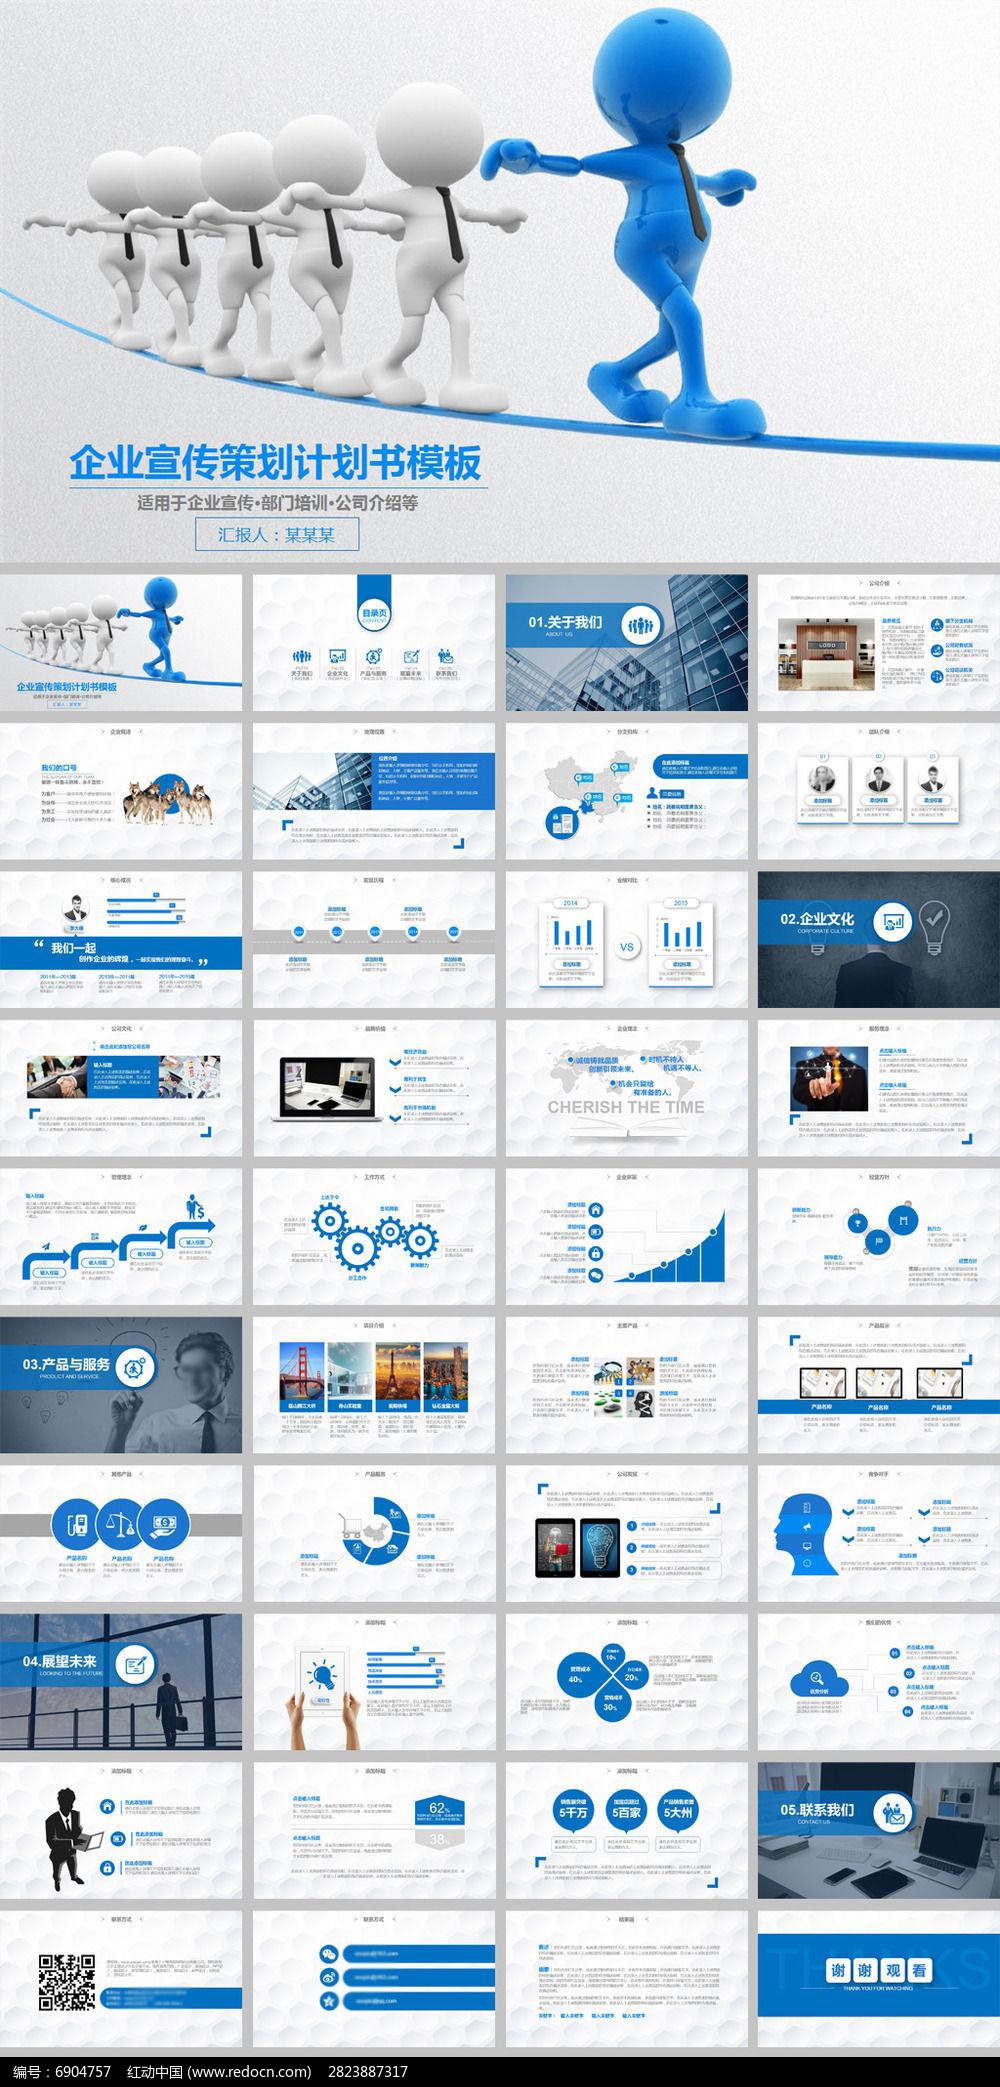 蓝色团队合作企业宣传策划书ppt模板